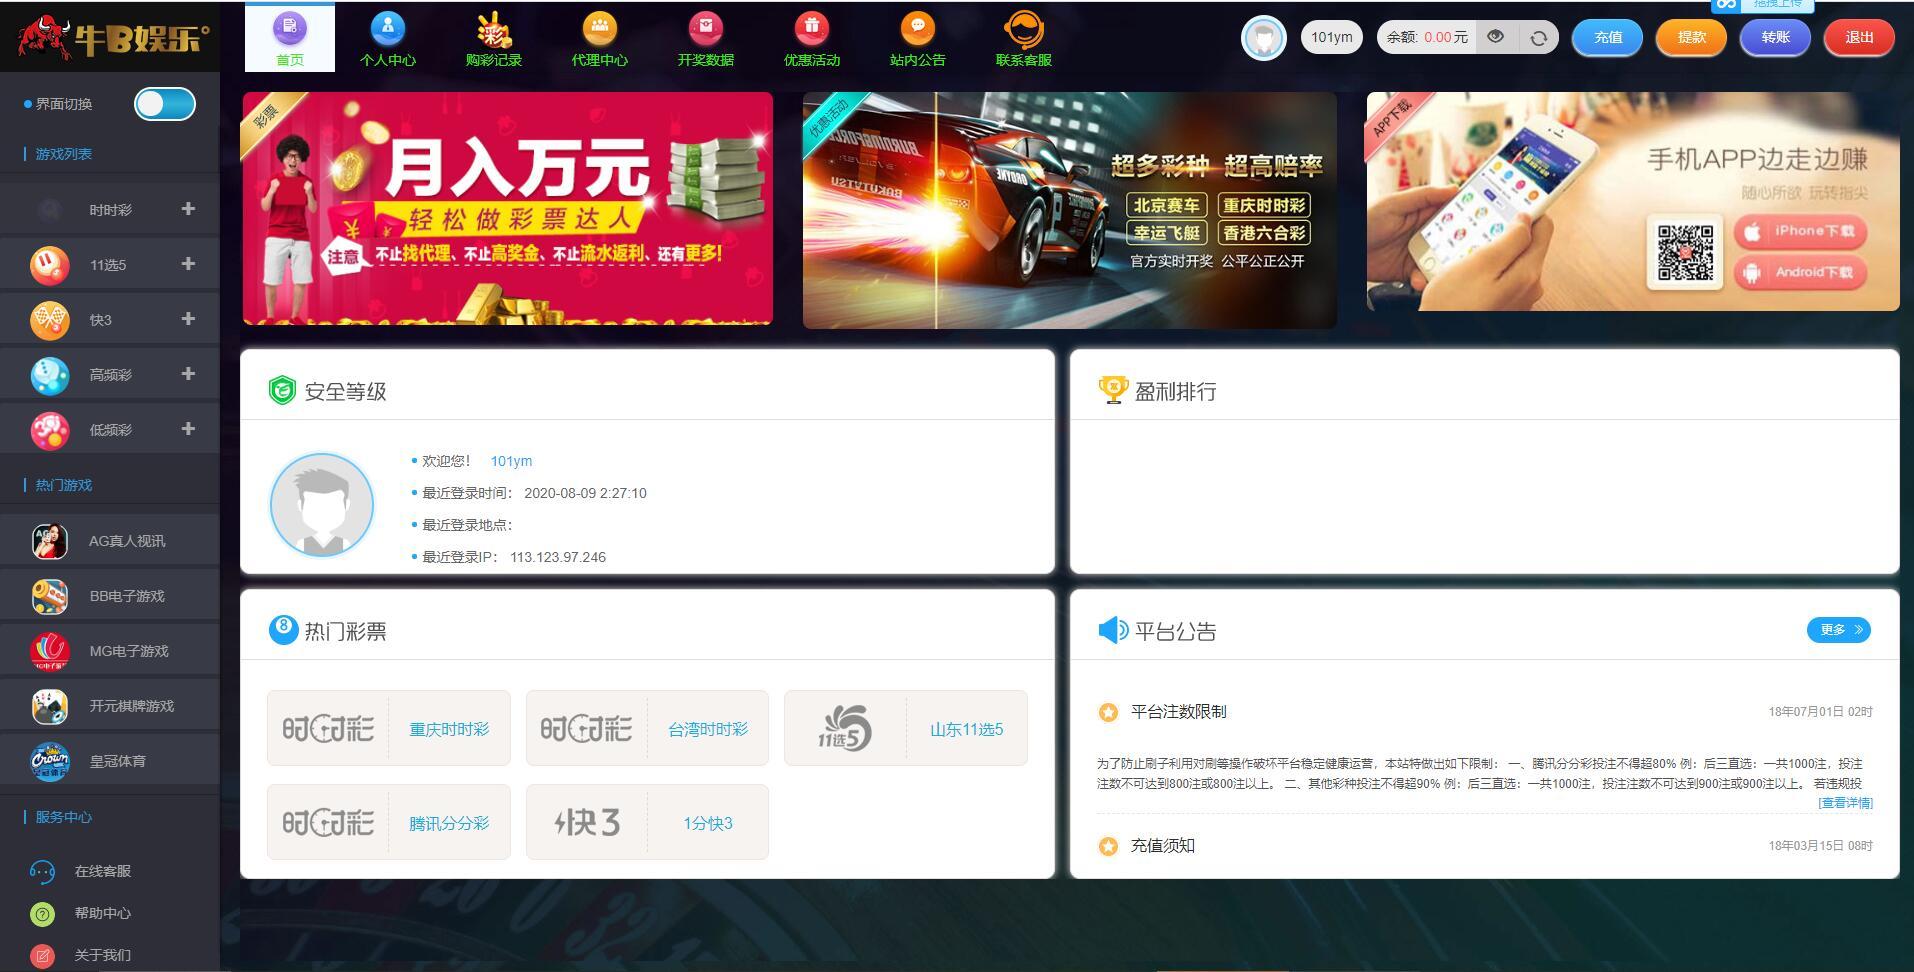 2020服务器打包欧亚NB版/真人已接NG/net彩-蜜桃源码网